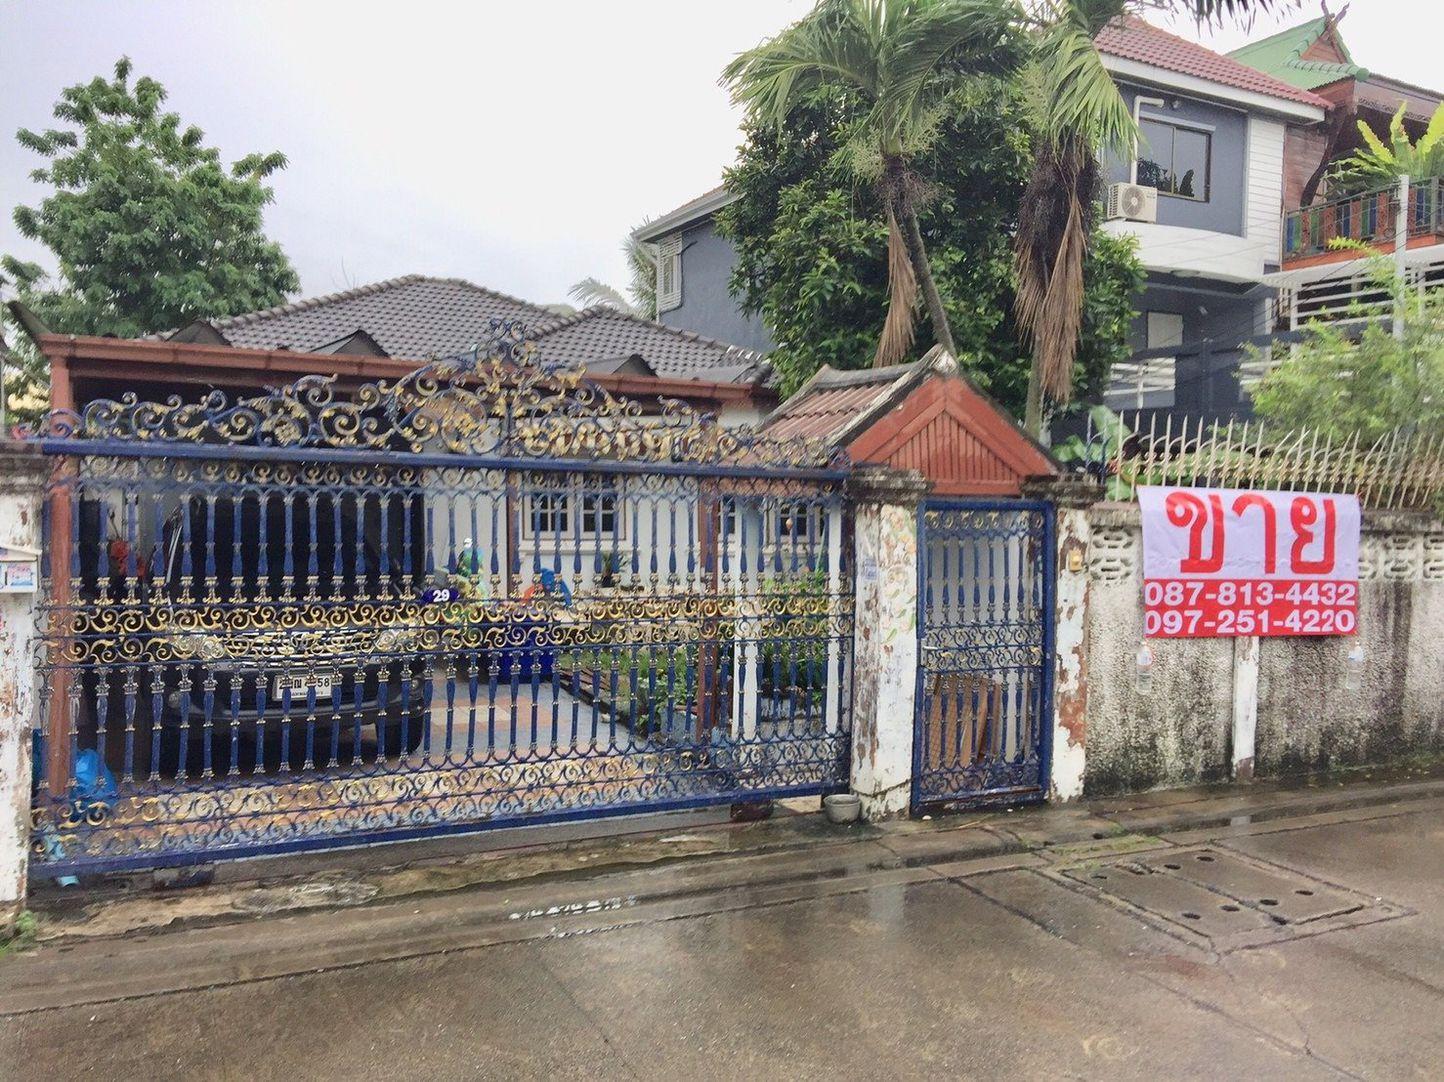 ขายบ้านเดี่ยวมือสอง  ซอยเรวดี43   ที่สุดทำเล ยอดฮิต ใจกลางเมืองนนทบุรี